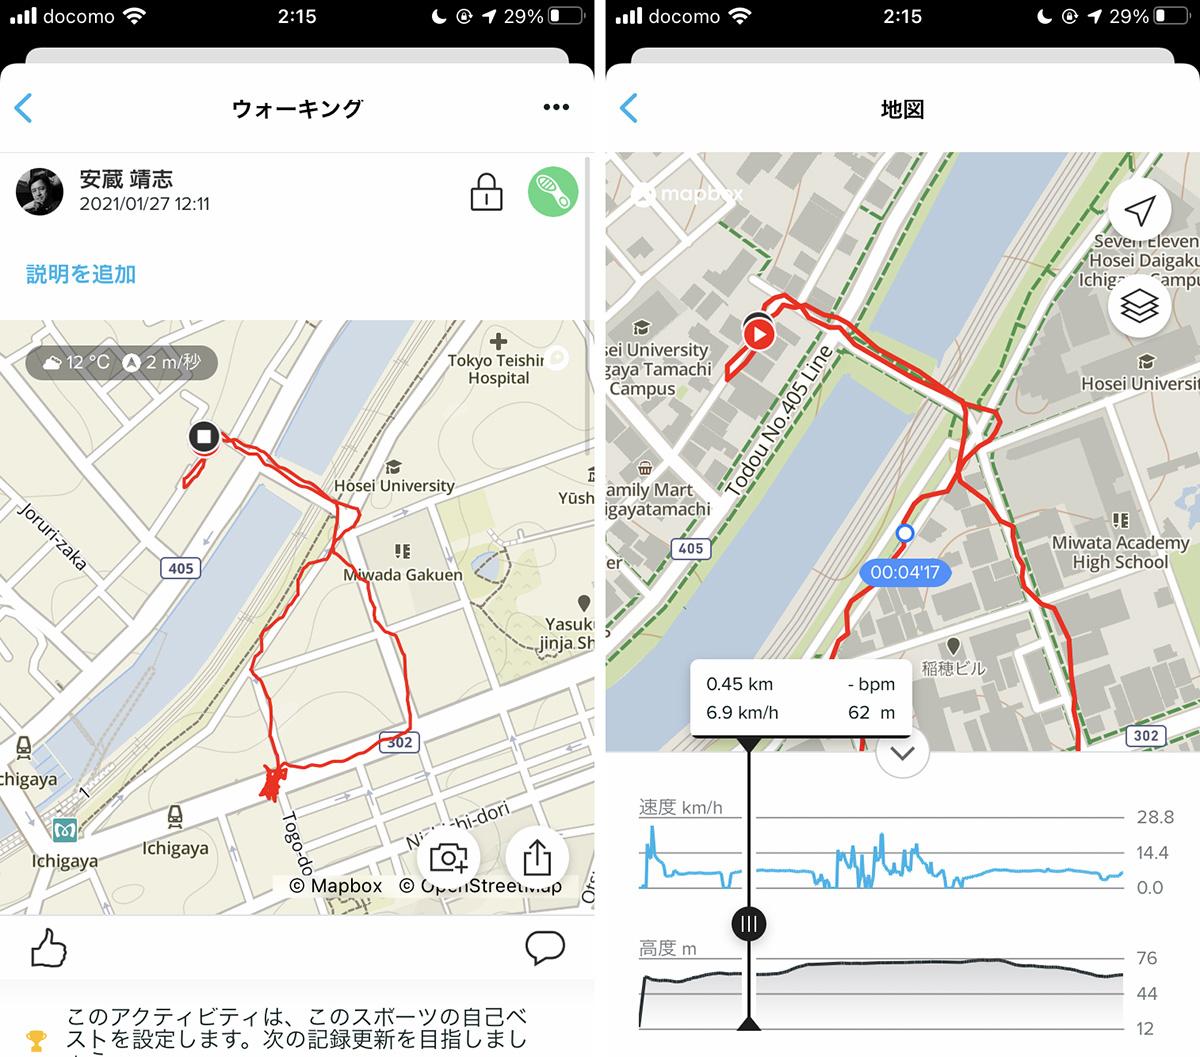 SUUNTO 9 BAROのアプリ画面画像